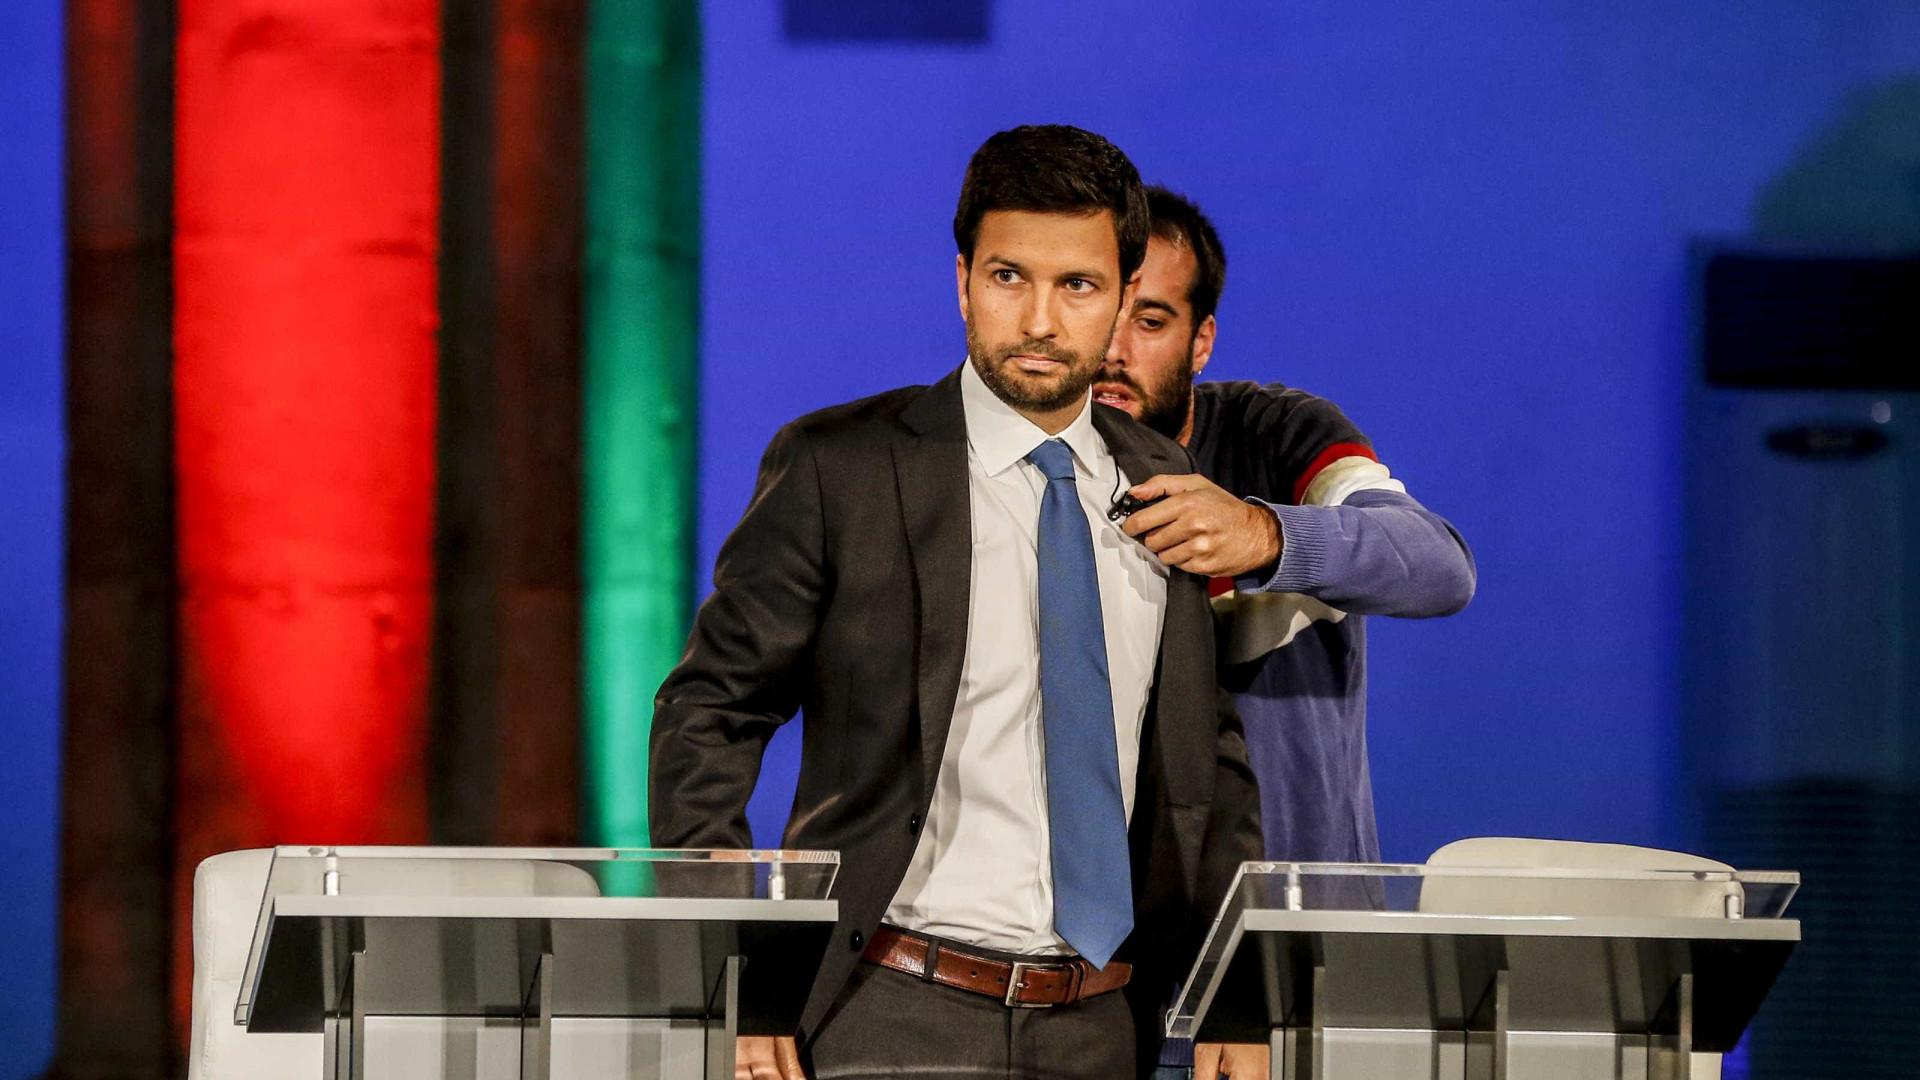 """CDU quer combater """"profundos contrastes e desigualdades"""" em Lisboa"""